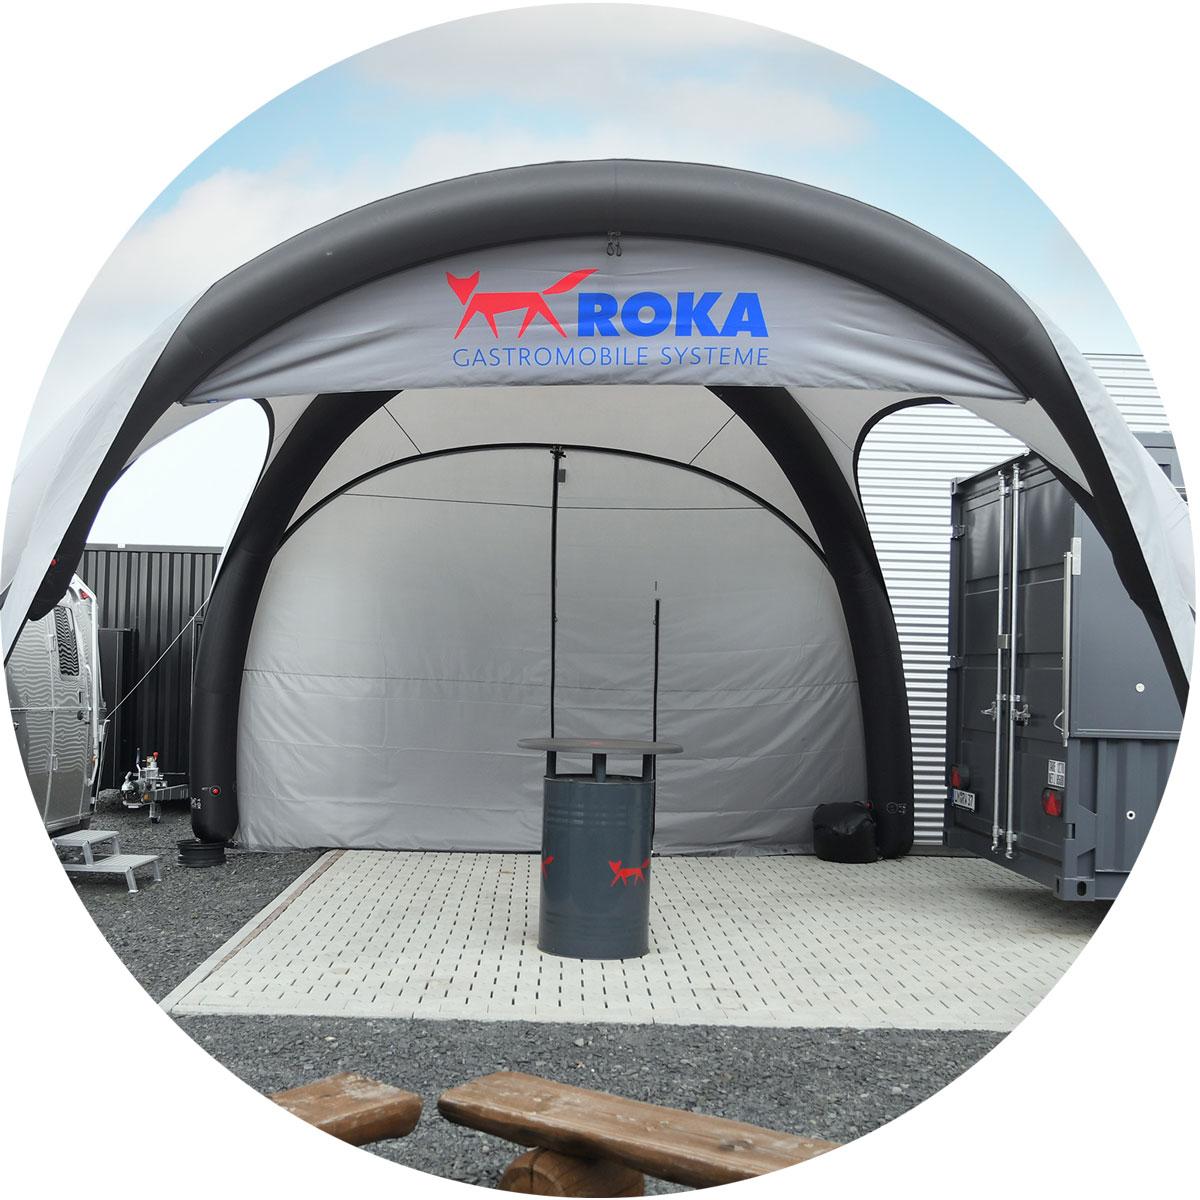 Aufblasbares Zelt in Iglu-Form mit optionalen Seitenwänden.